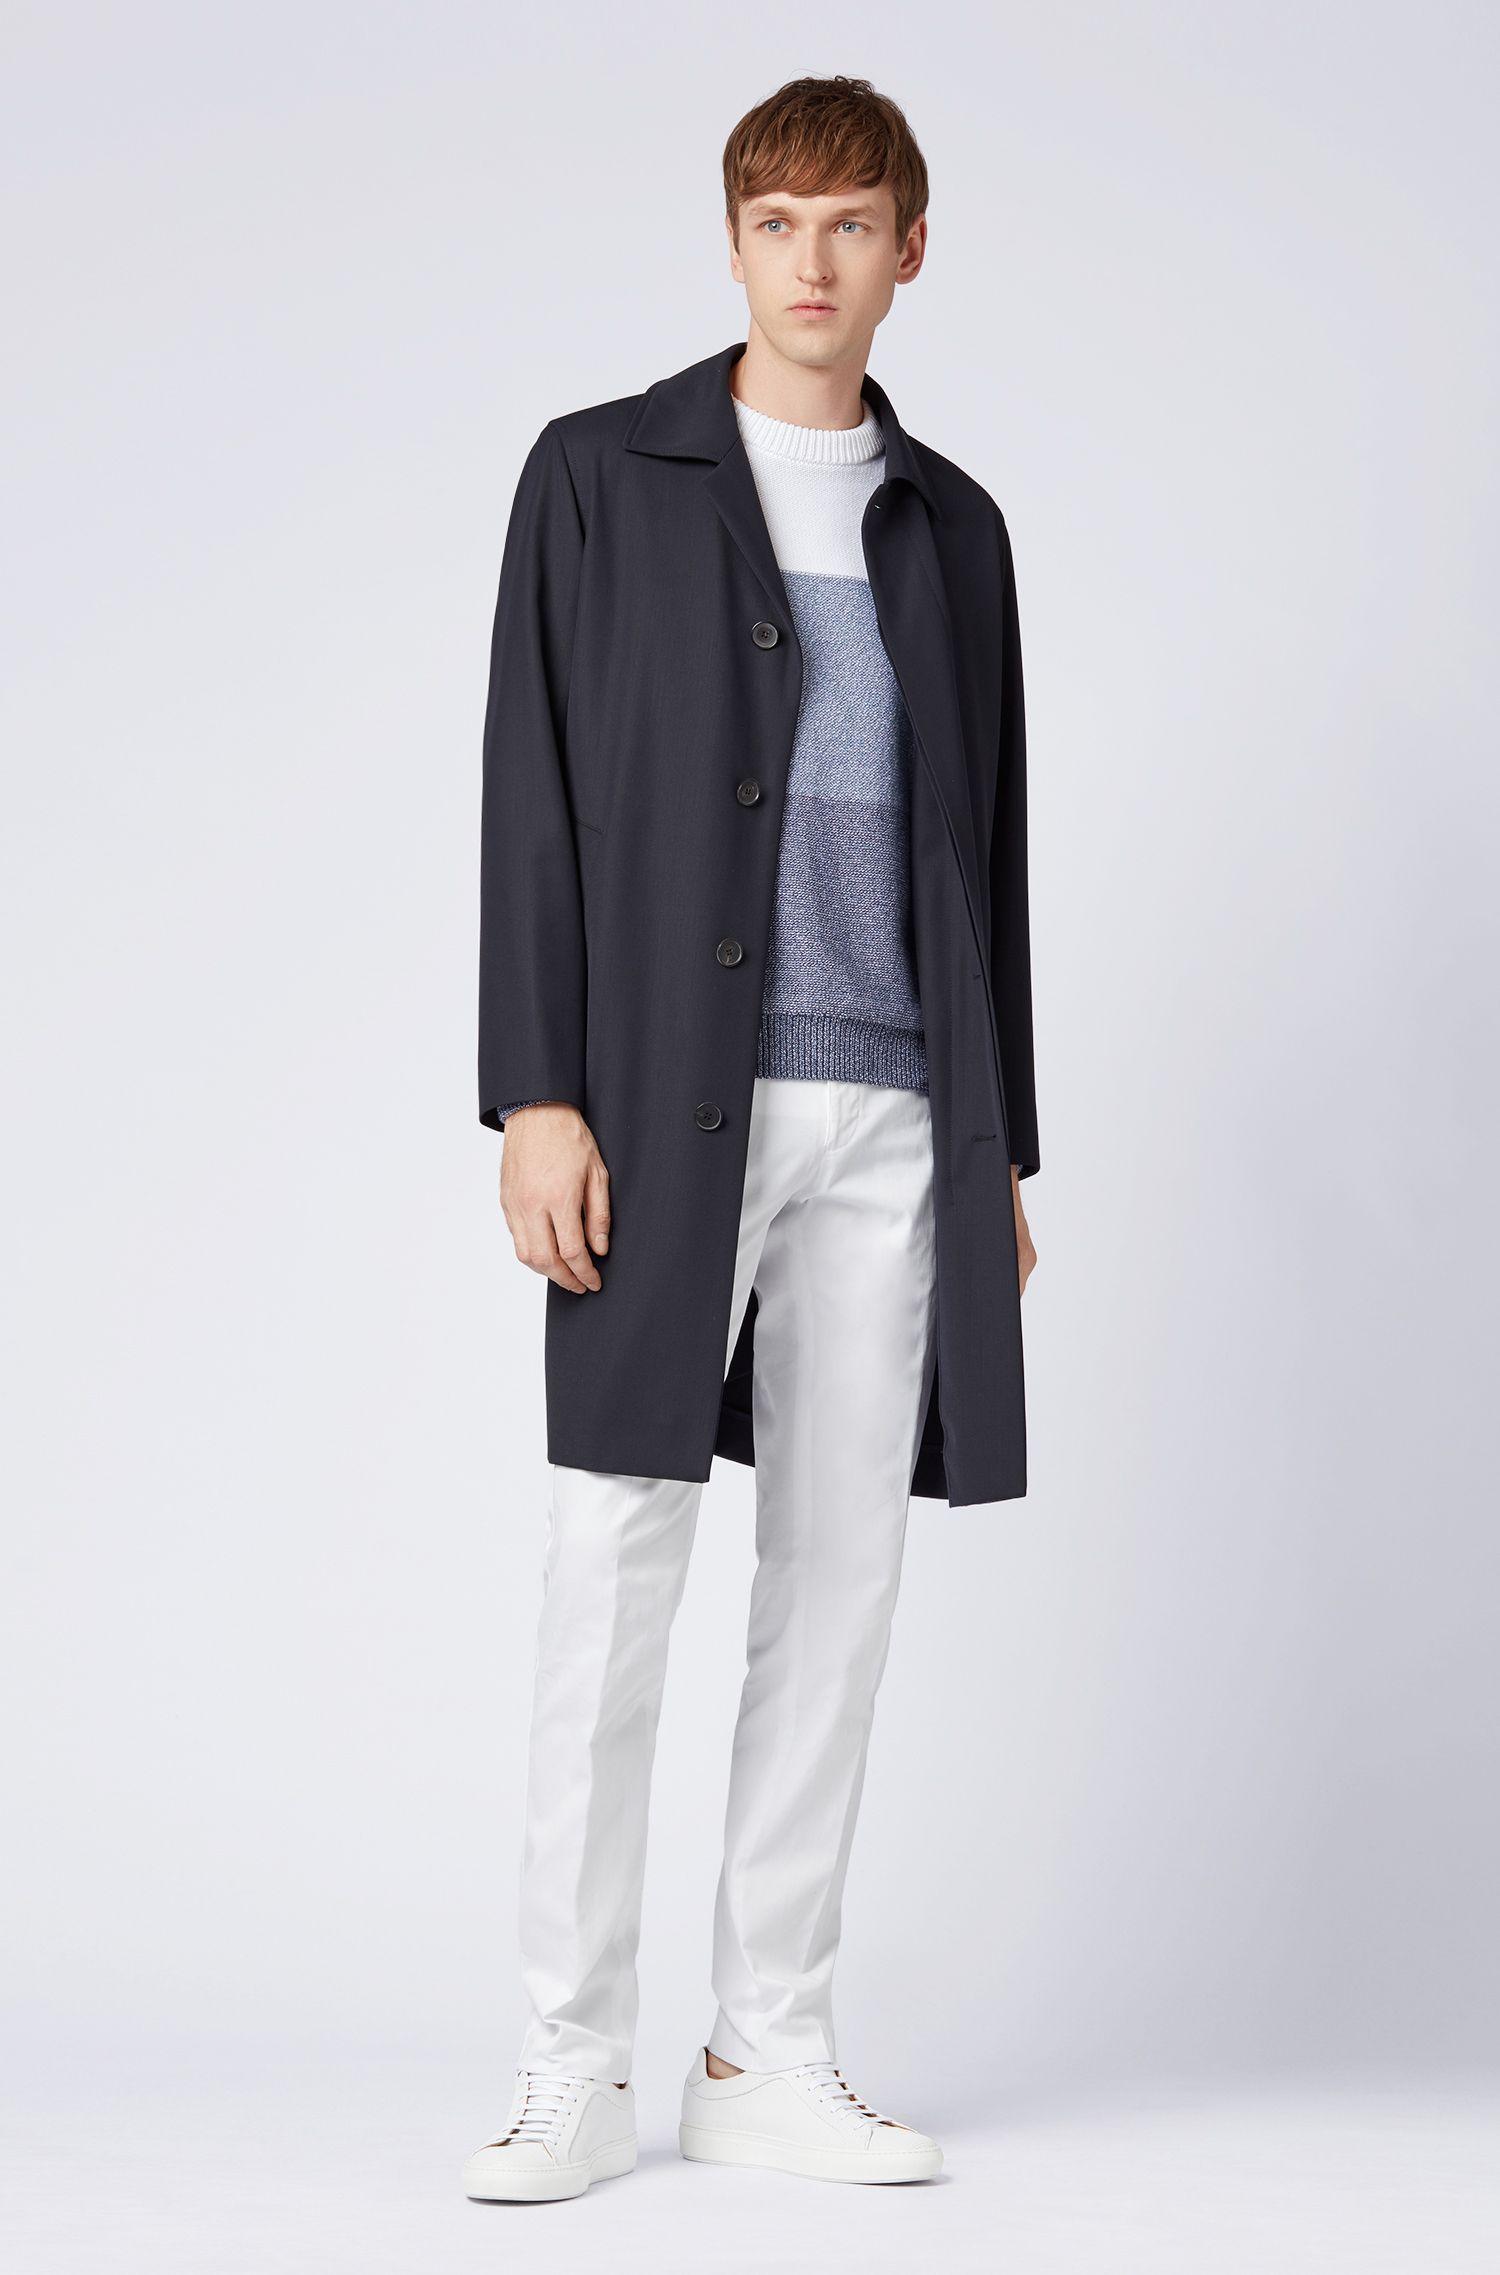 Hugo Boss - Pantalones slim fit de algodón elástico teñido en prenda - 2